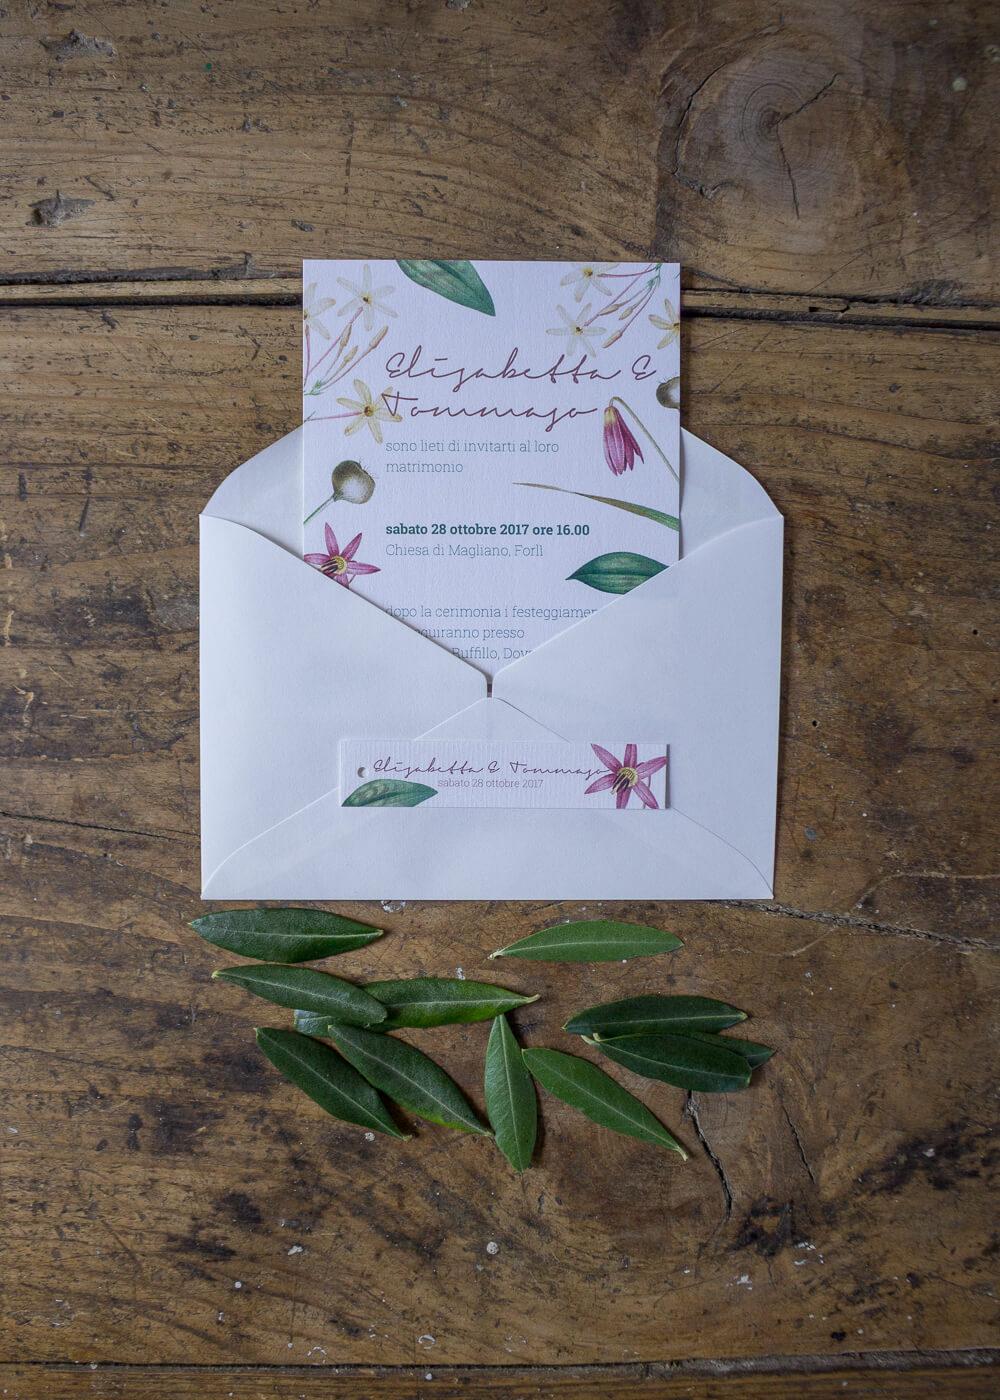 Wedding suite botanica Lillie - Partecipazioni di matrimonio e tag chiudi busta in carta vergata - Dettagli botanici - Lily&Sage Design